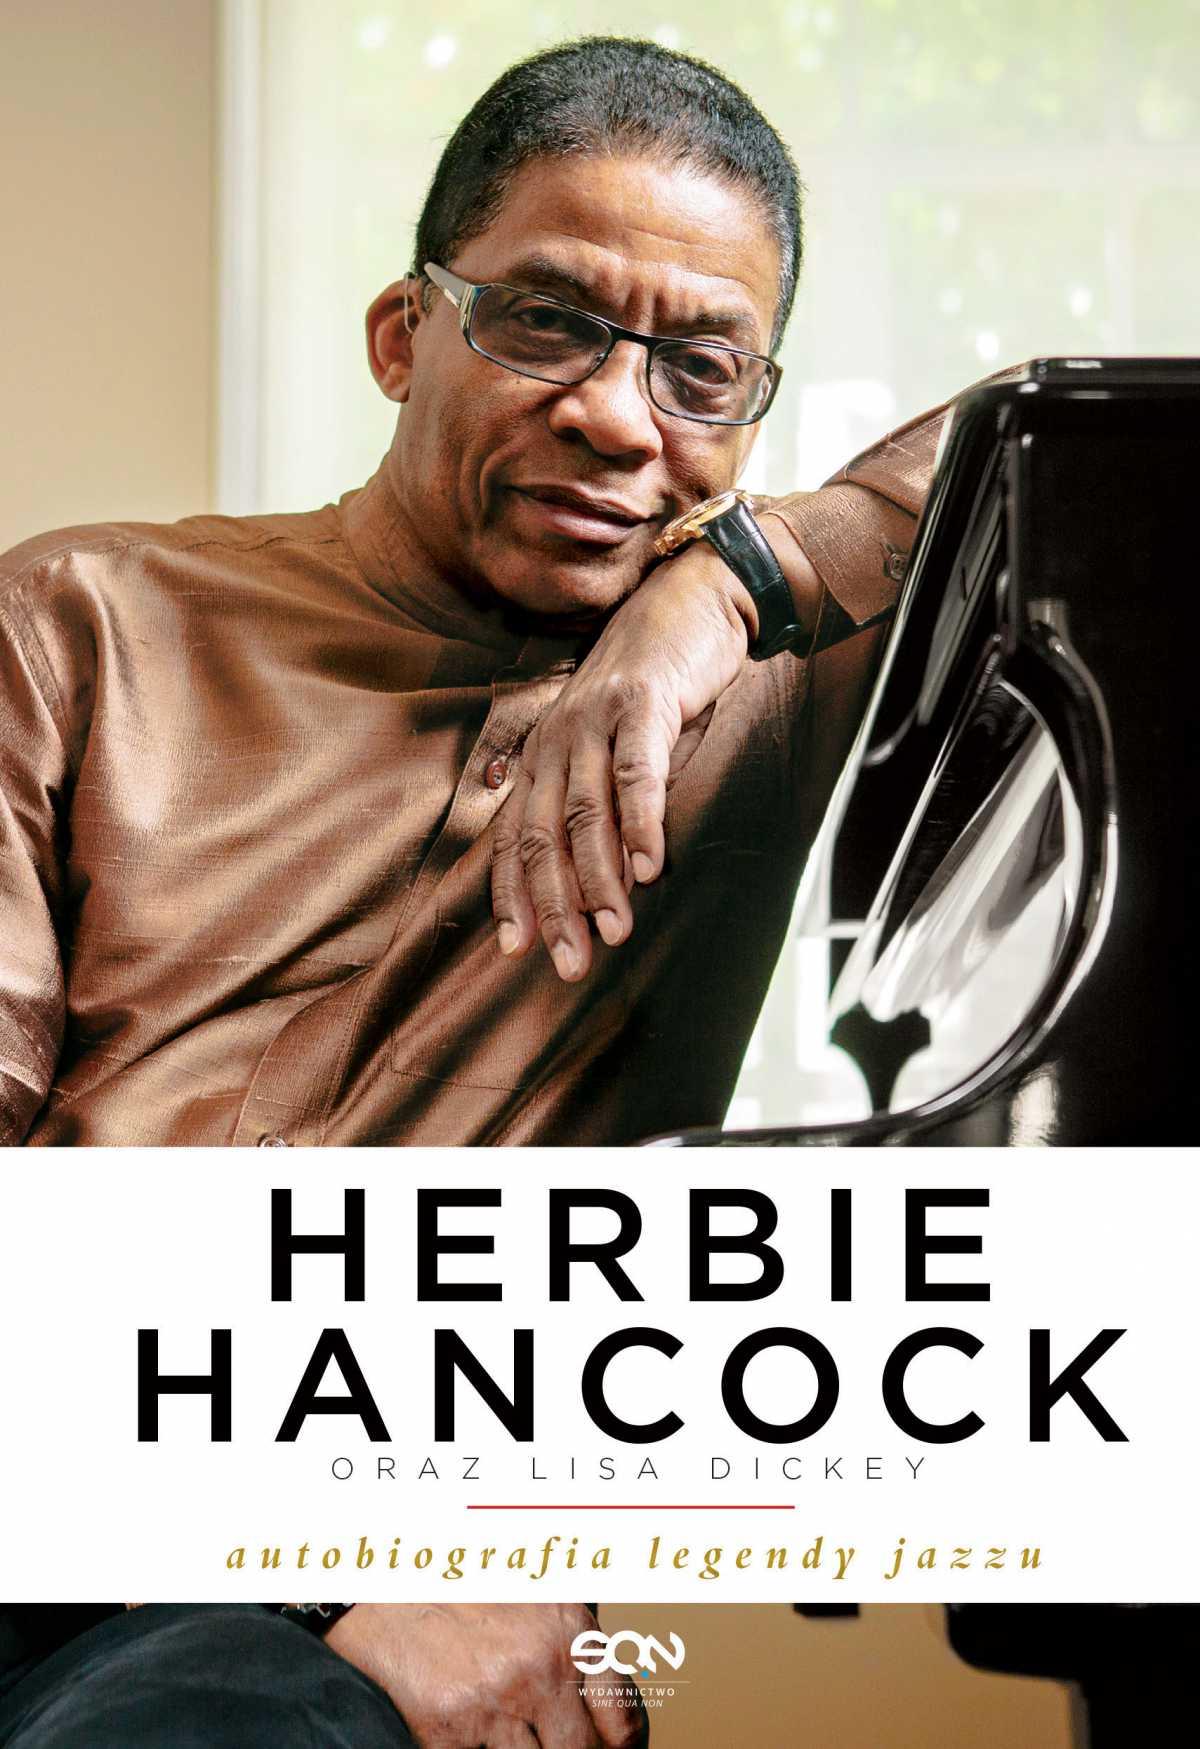 Herbie Hancock. Autobiografia legendy jazzu - Ebook (Książka na Kindle) do pobrania w formacie MOBI